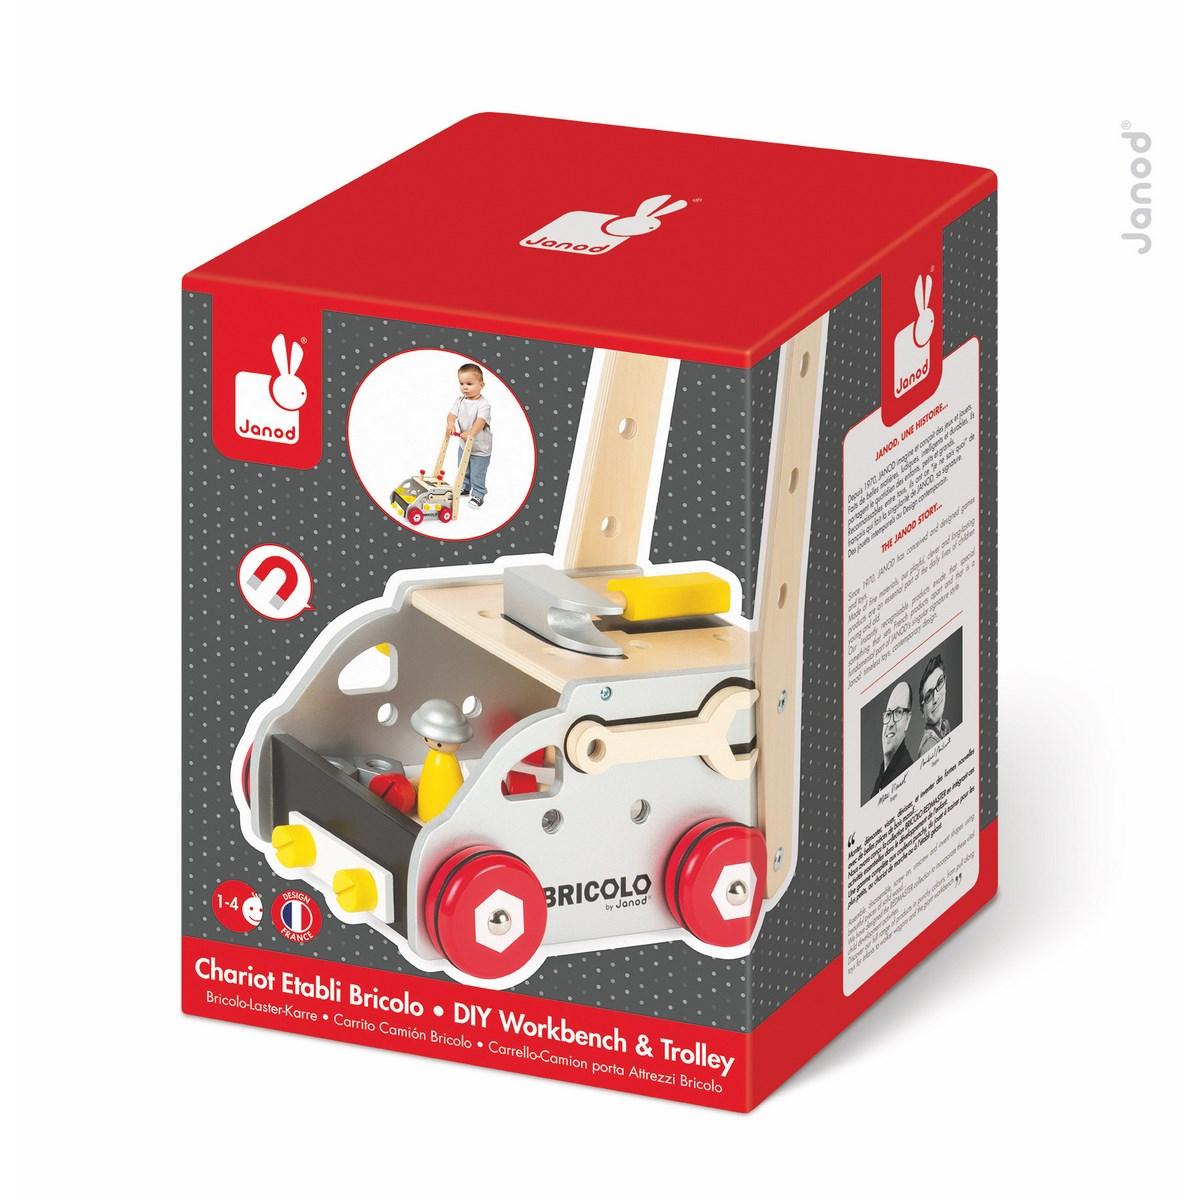 Janod Игрушка-каталка Мастер на все рукиJ06487Деревянная игрушка-каталка Janod Мастер на все руки станет отличным спутником вашего ребенка на прогулке и дома. Каталка оснащена четырьмя деревянными колесиками и удобной ручкой для захвата. Взявшись за компактную ручку, ваш малыш сможет возить игрушку перед собой. В комплекте с каталкой идет фигурка водителя. Ваш малыш уже сделал свои первые шаги, но еще не совсем хорошо ходит, эта игрушка-каталка в виде тележки придаст ему уверенности и поможет развить координацию движений.